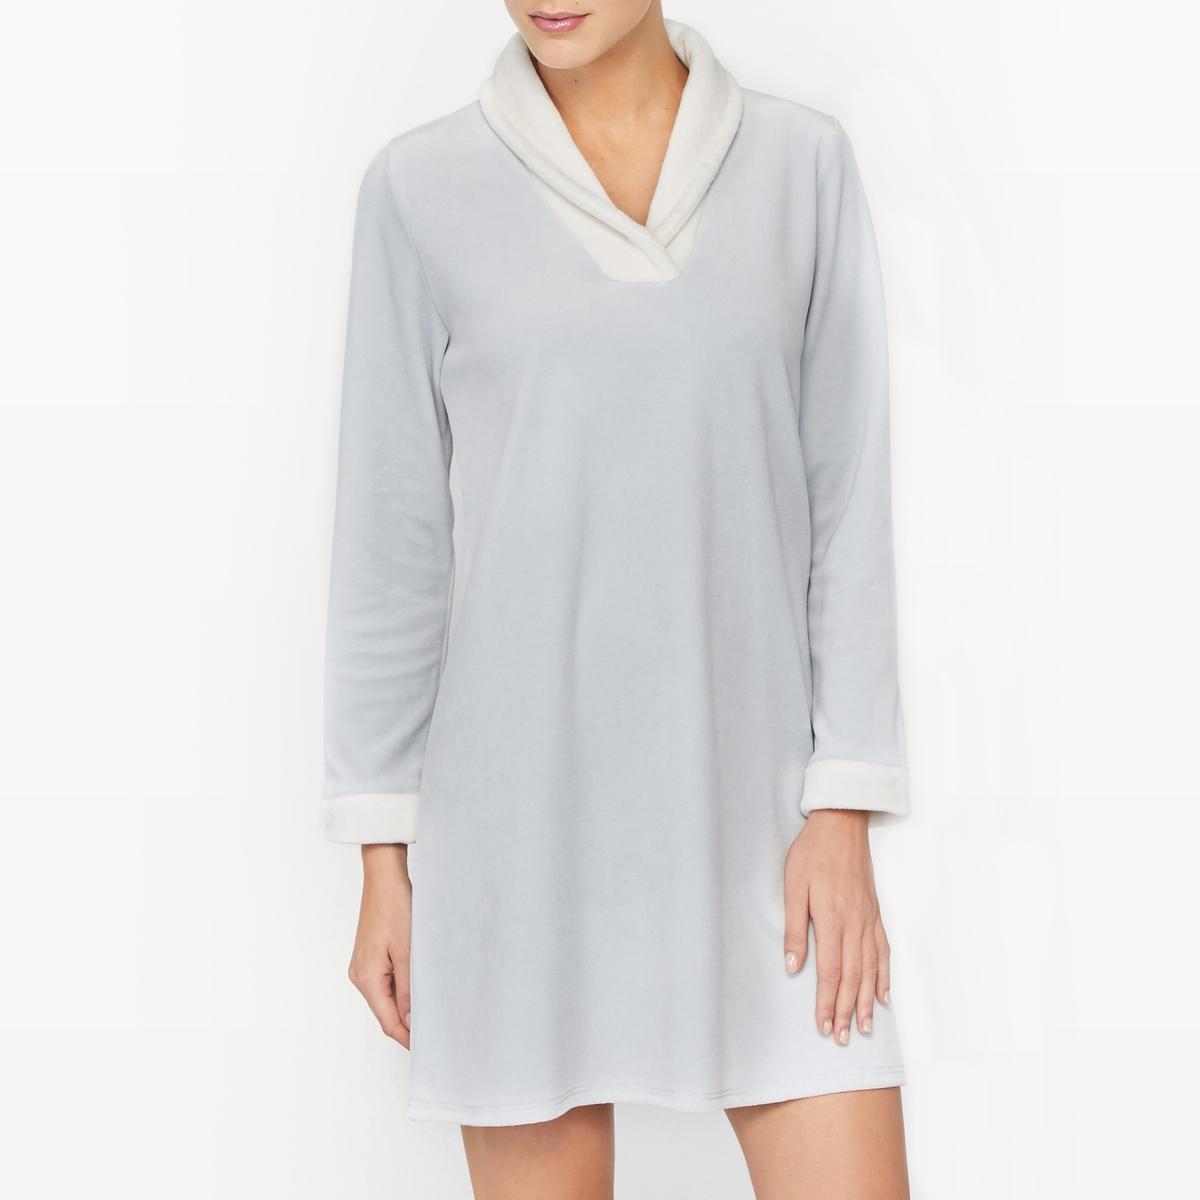 Рубашка ночная из велюра LolitaНочная рубашка из велюра Lolita. Мягкая и комфортная ткань. Длинные рукава. Шалевый воротник, края рукавов с имитацией меха контрастного цвета. Состав и описание Основной материал : велюр, 80% хлопка, 20% полиэстераДополнительный материал : имитация меха, 100% полиэстер Марка : LE CHATМодель : Lolita   Уход Машинная стирка при 30 °C в деликатном режимеСтирать с вещами схожих цветовМашинная сушка в деликатном режимеГладить при низкой температуре с изнаночной стороны - Не гладить воротник<br><br>Цвет: светло-серый<br>Размер: 38 (FR) - 44 (RUS).42 (FR) - 48 (RUS)